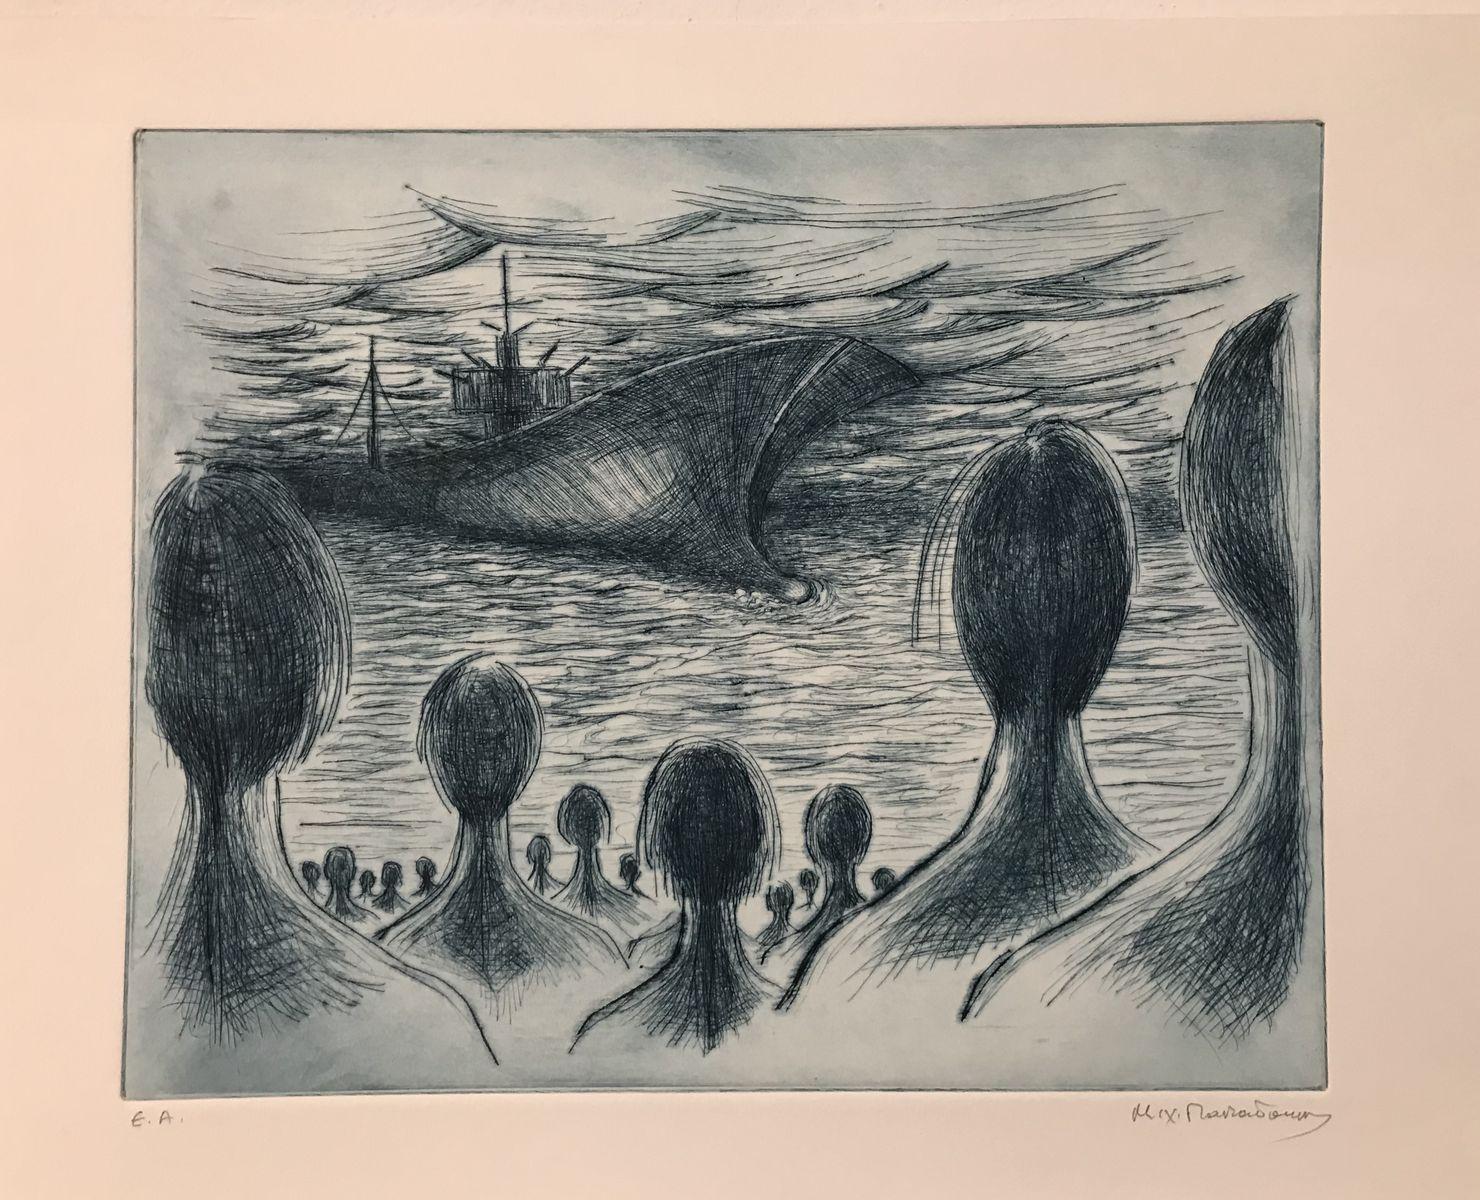 Μιχάλης Παπαδάκης 25×35 εκ. Χαρακτικό Mihalis Papadakis 25×35 cm Engraving (3)